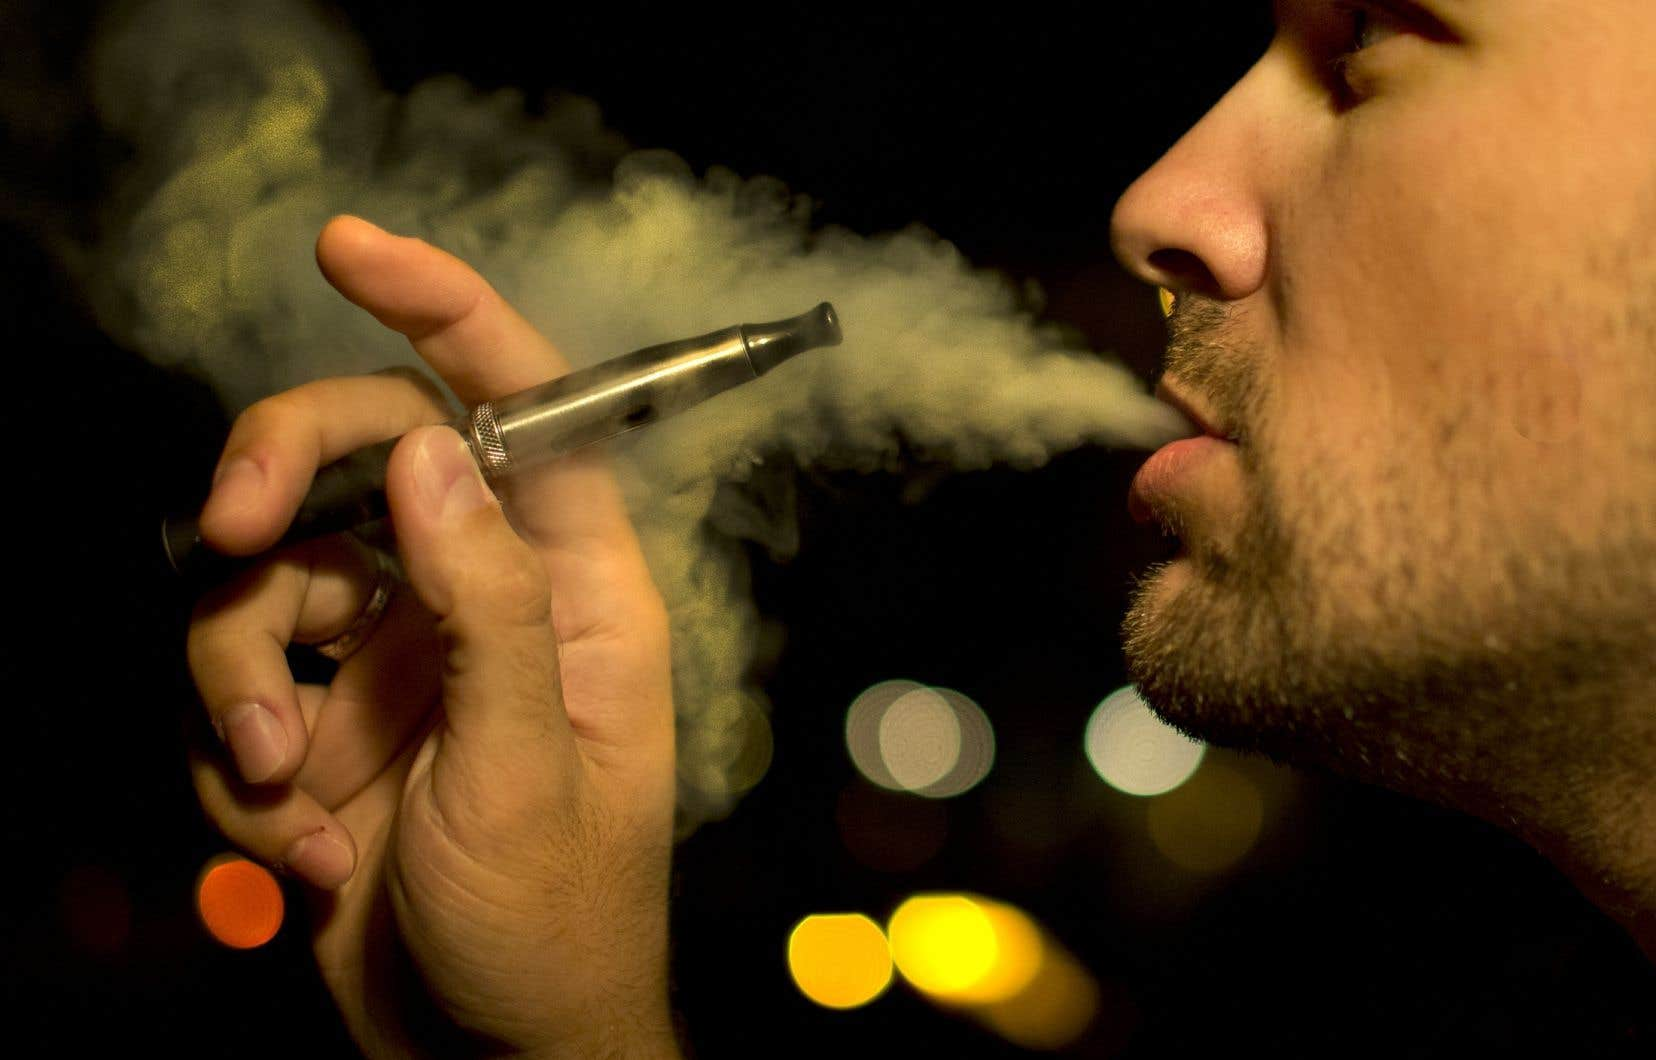 Les produits de vapotage incluent des cigarettes électroniques, des liquides, des capsules, des cartouches et d'autres dispositifs de vapotage.